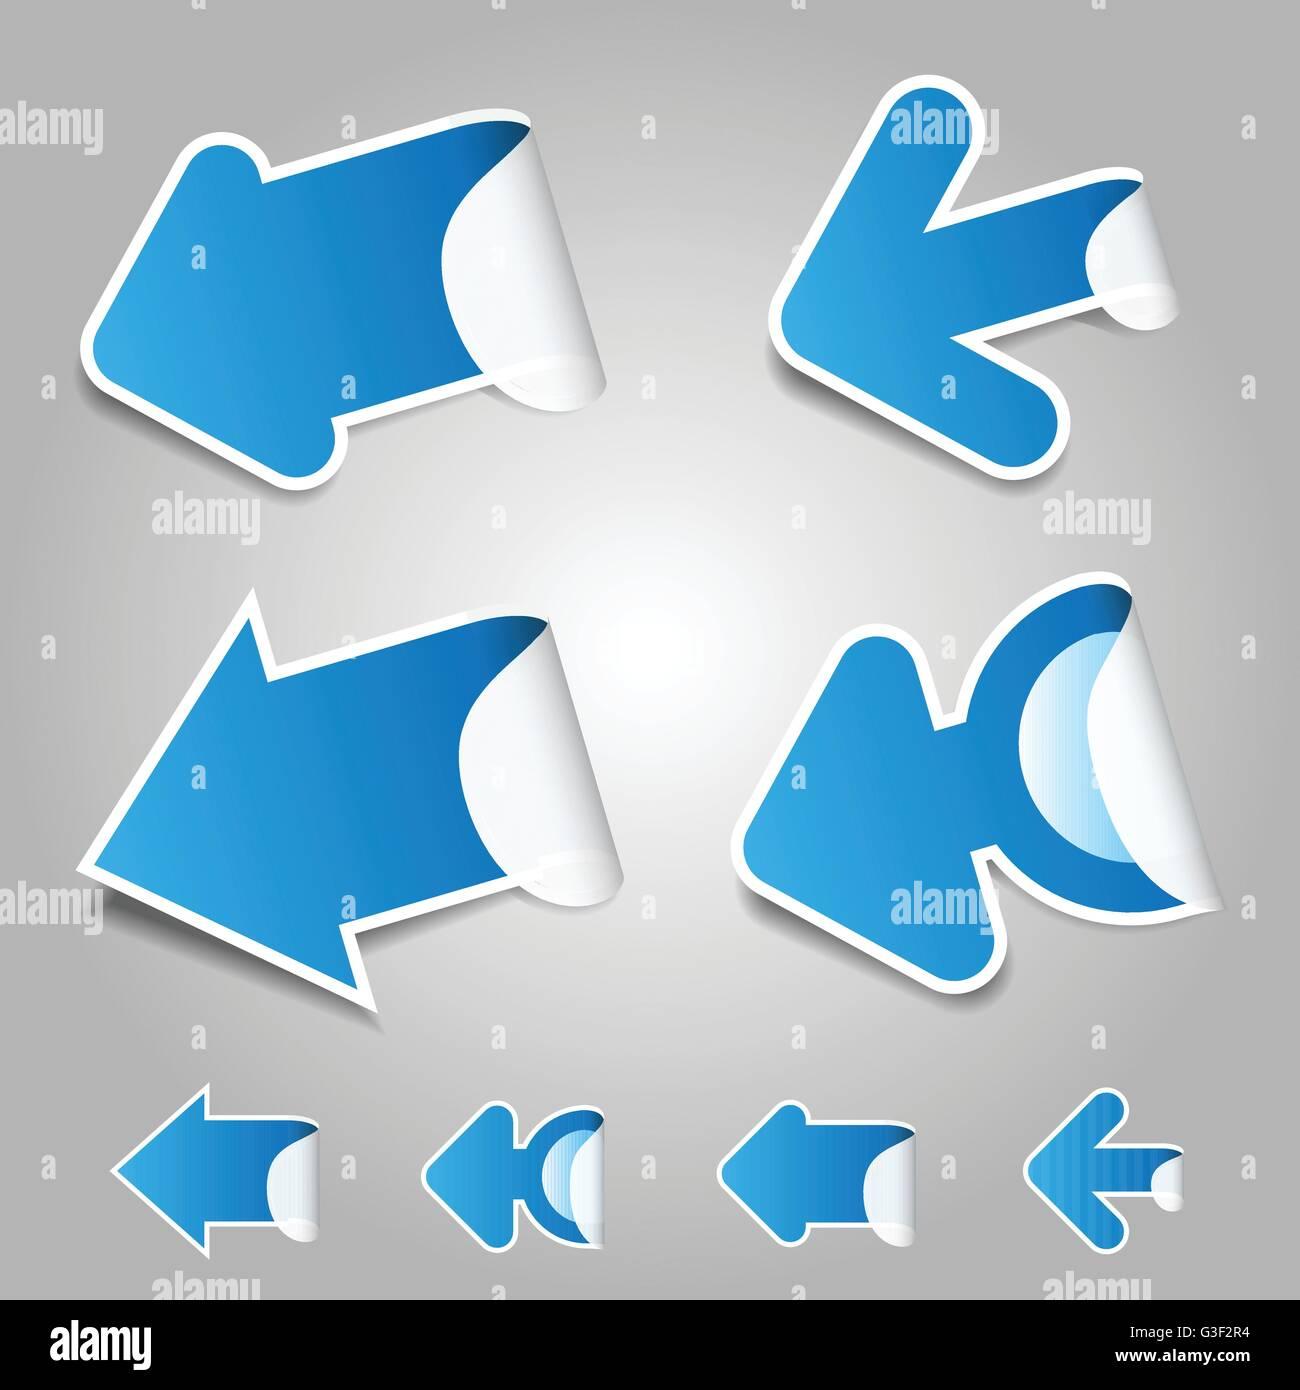 Blue Paper Cut 3D Arrows Set - Stock Image